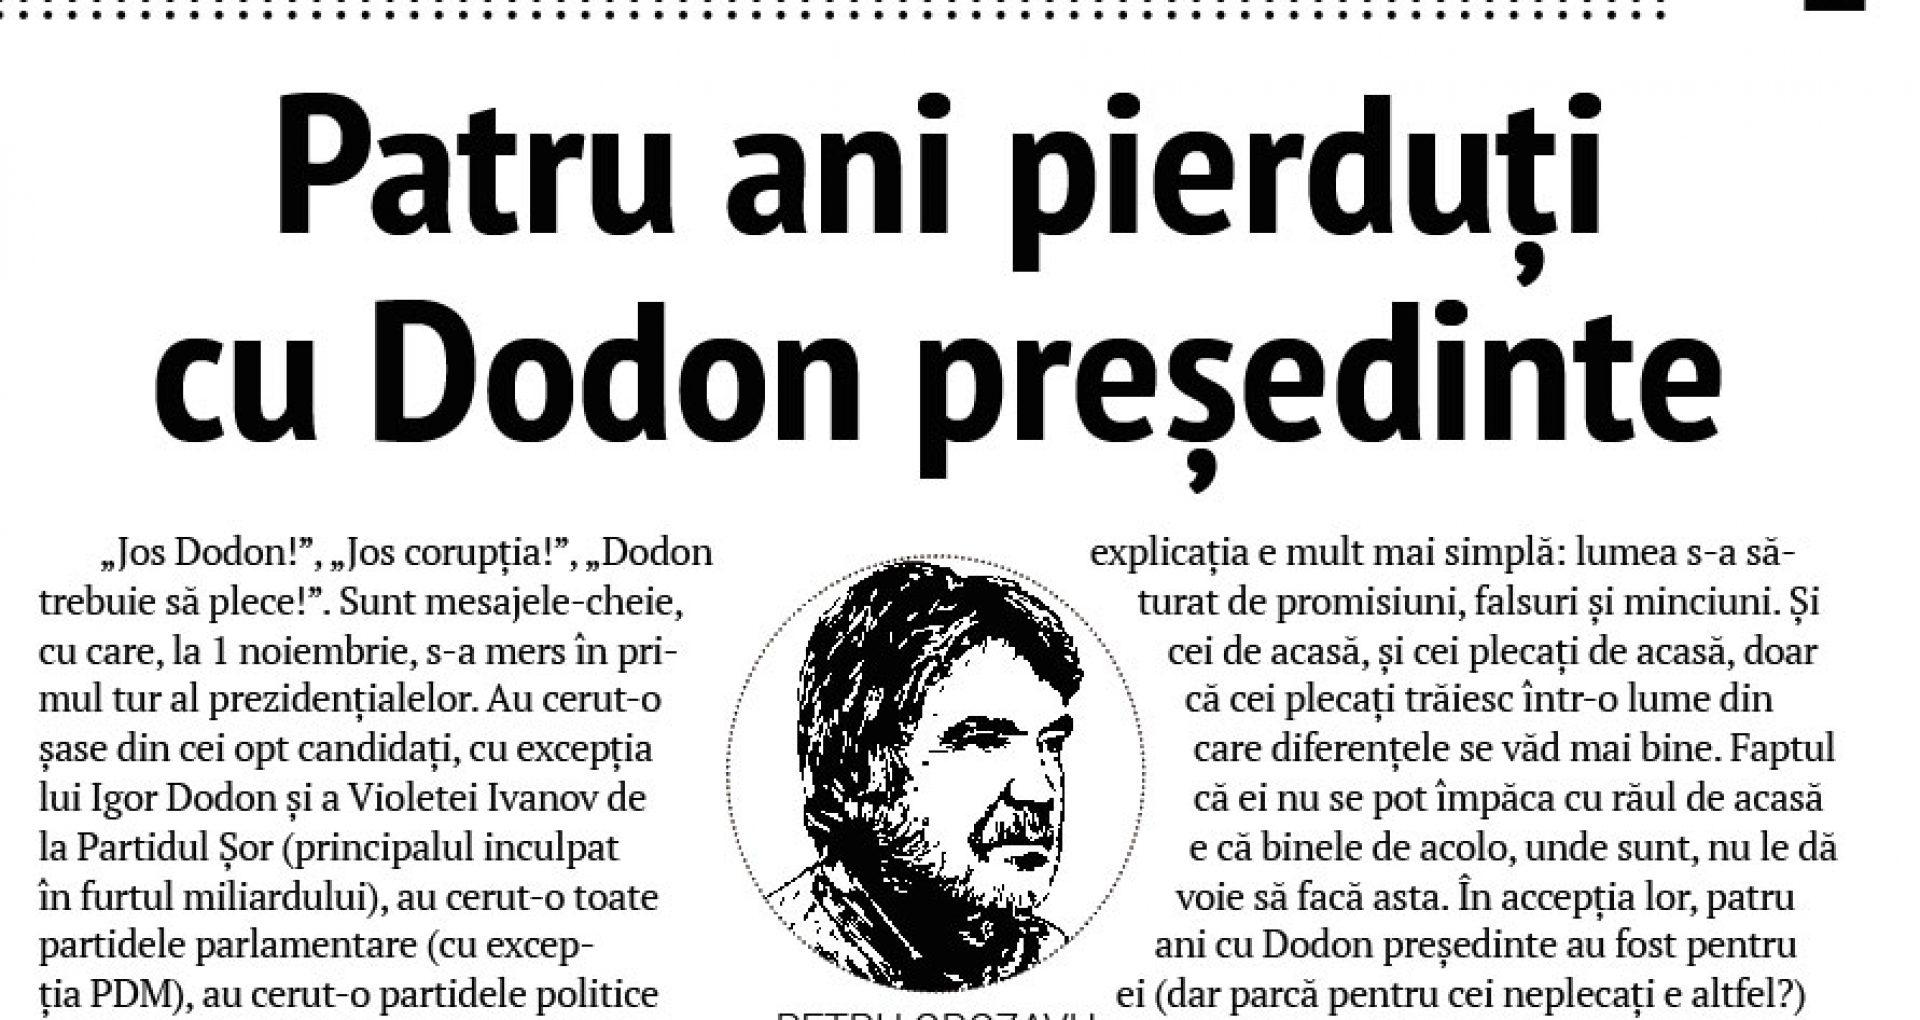 Patru ani pierduți cu Dodon președinte